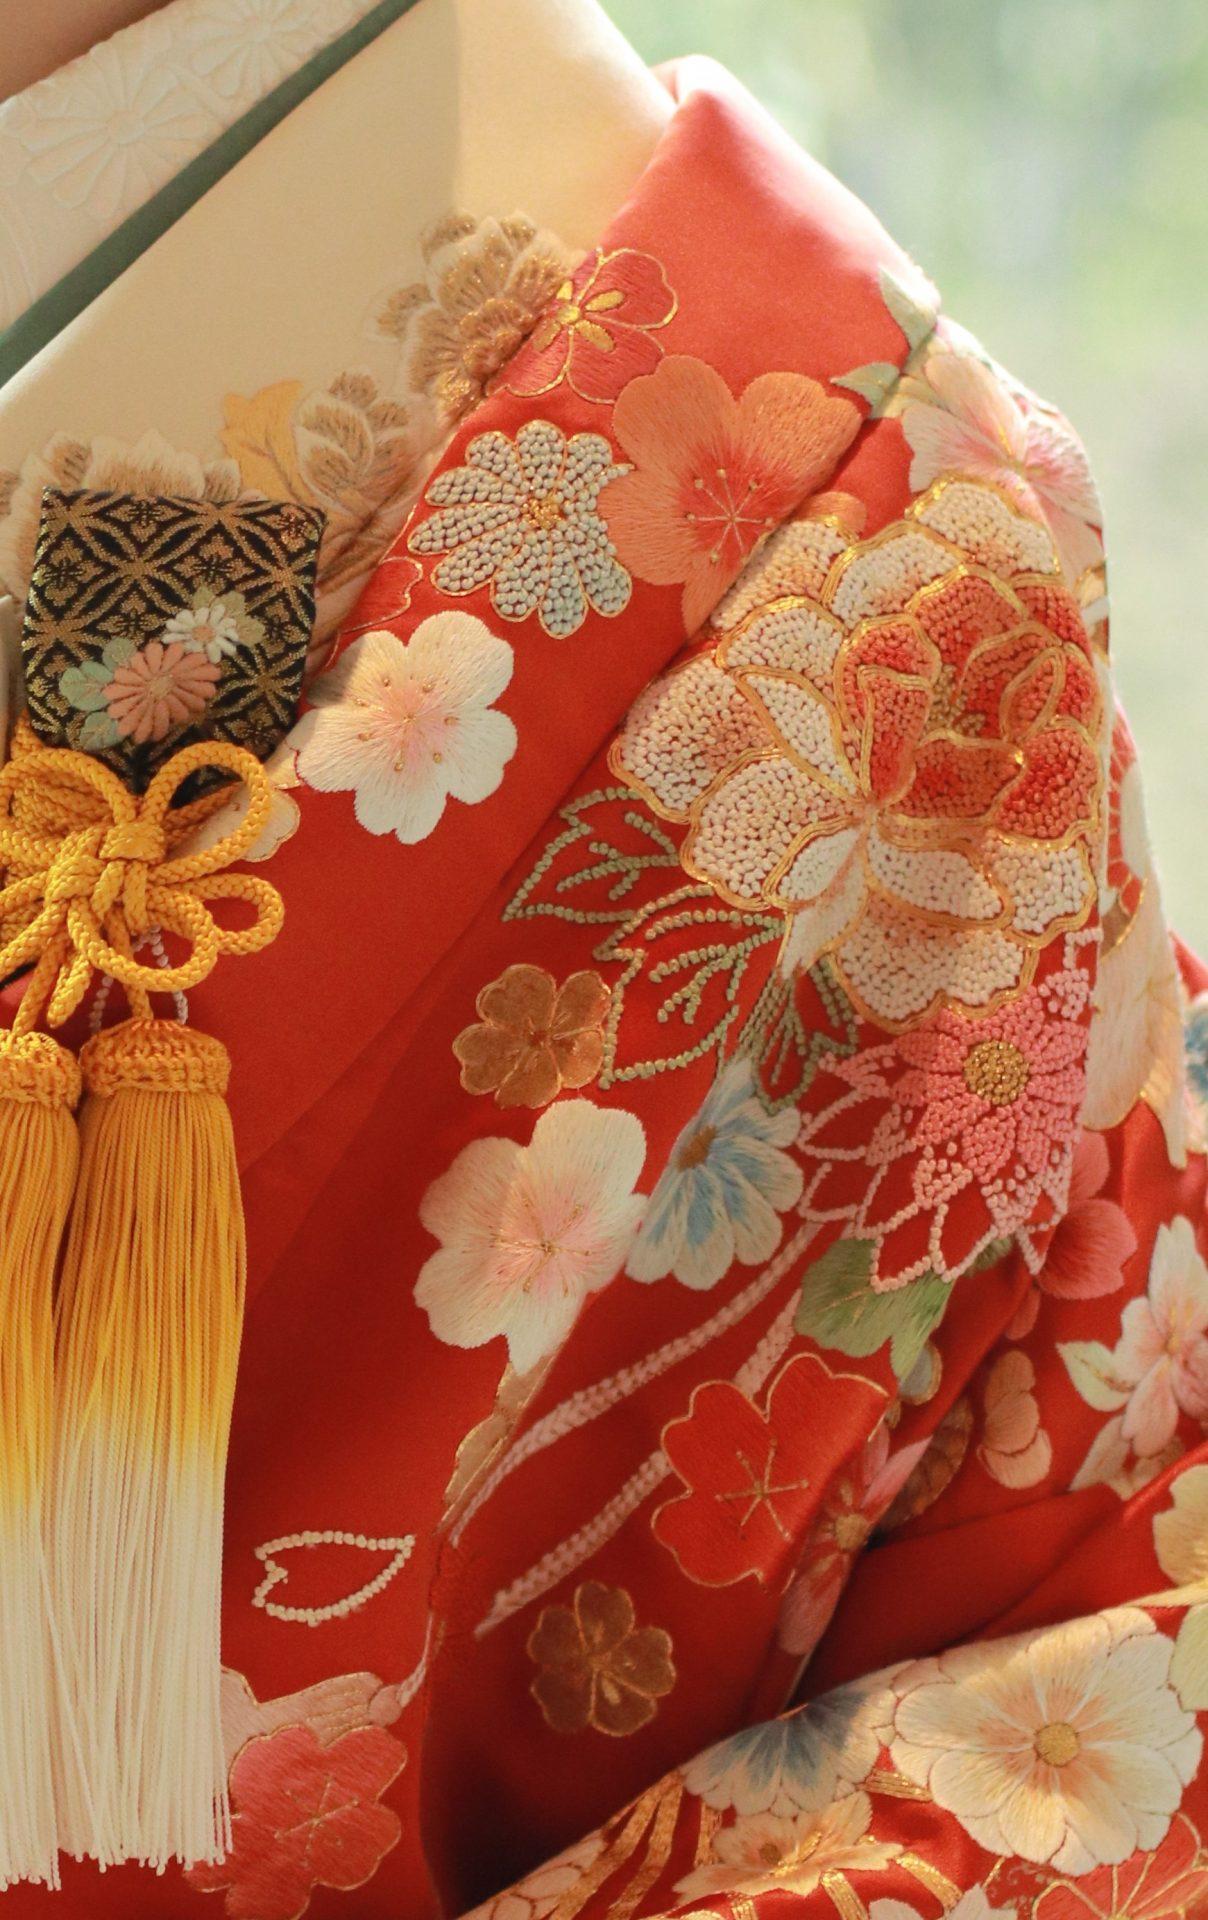 パレスホテル東京におすすめの赤の色打掛、相良刺繍で施された四季の花柄が施されており圧巻の美しさです